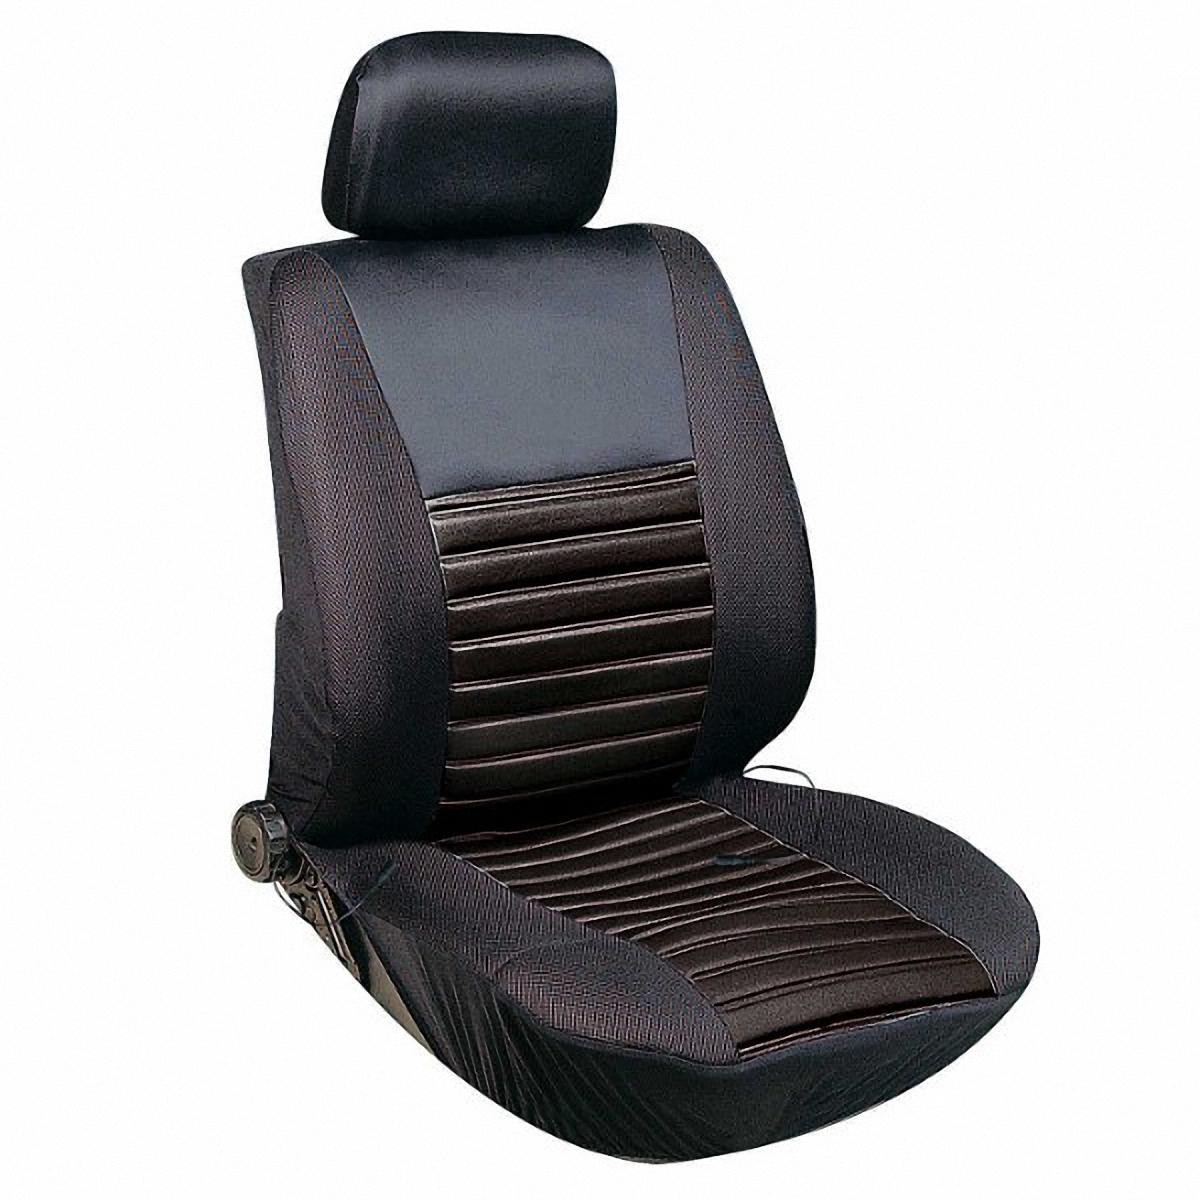 Чехол на сиденье Skyway 12V, с подогревом, цвет: черный, 116 х 56 смВетерок 2ГФЧехол на сиденье Skyway 12V, изготовленный из полиэстера, снижает усталость при управлении автомобилем и обеспечивает комфортное вождение в холодное время года.В качестве теплоносителя применяется углеродный материал. Такой нагреватель обладает феноменальной гибкостью и прочностью на разрыв в отличие от аналогов, изготовленных из медного или иного металлического провода.Устройство подключается к прикуривателю на 12V.Размер чехла: 116 х 56 см.